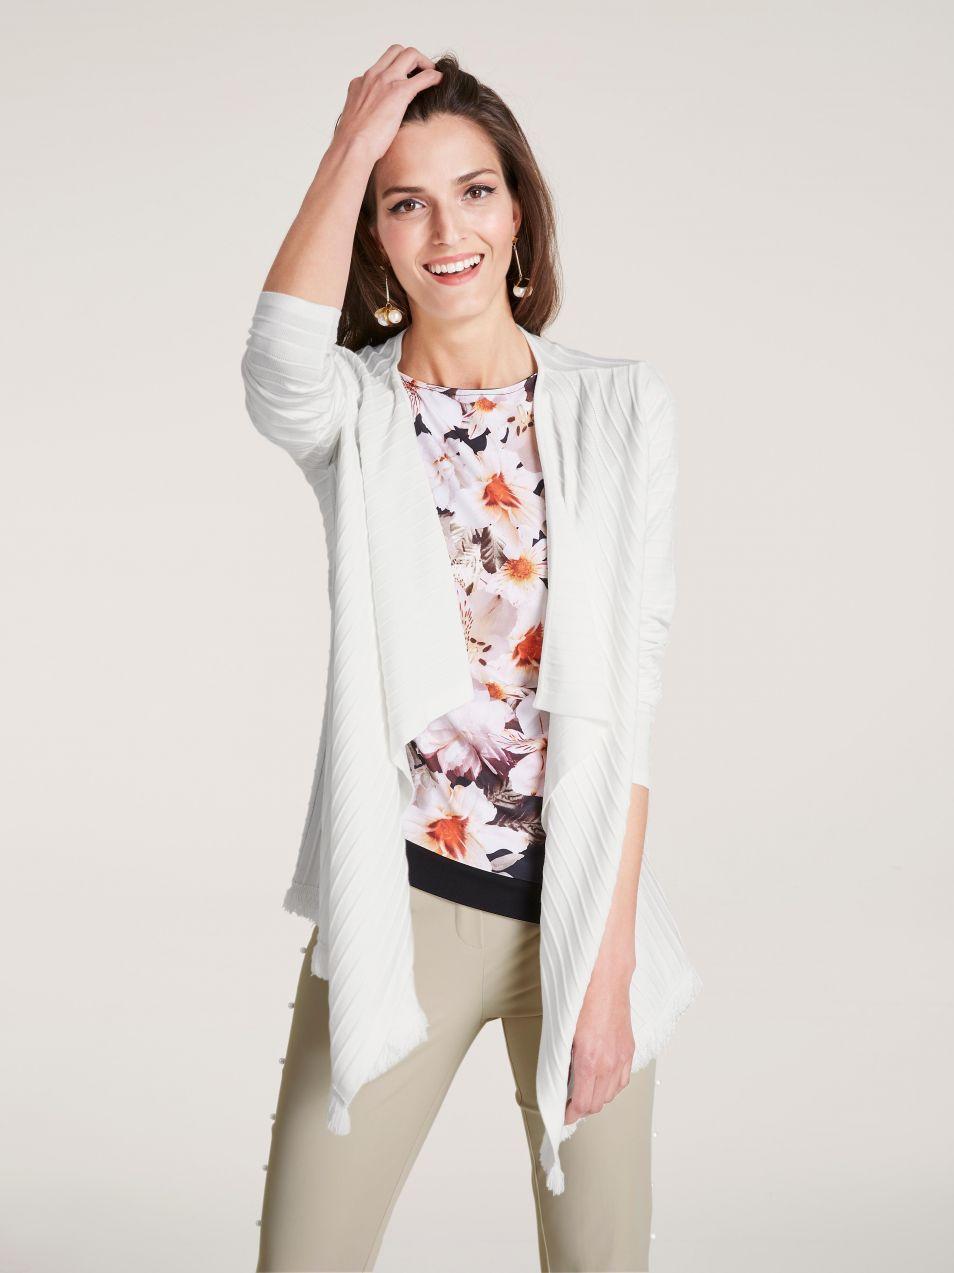 753783a3d548 heine TIMELESS pletený sveter so strapcami heine značky HEINE ...